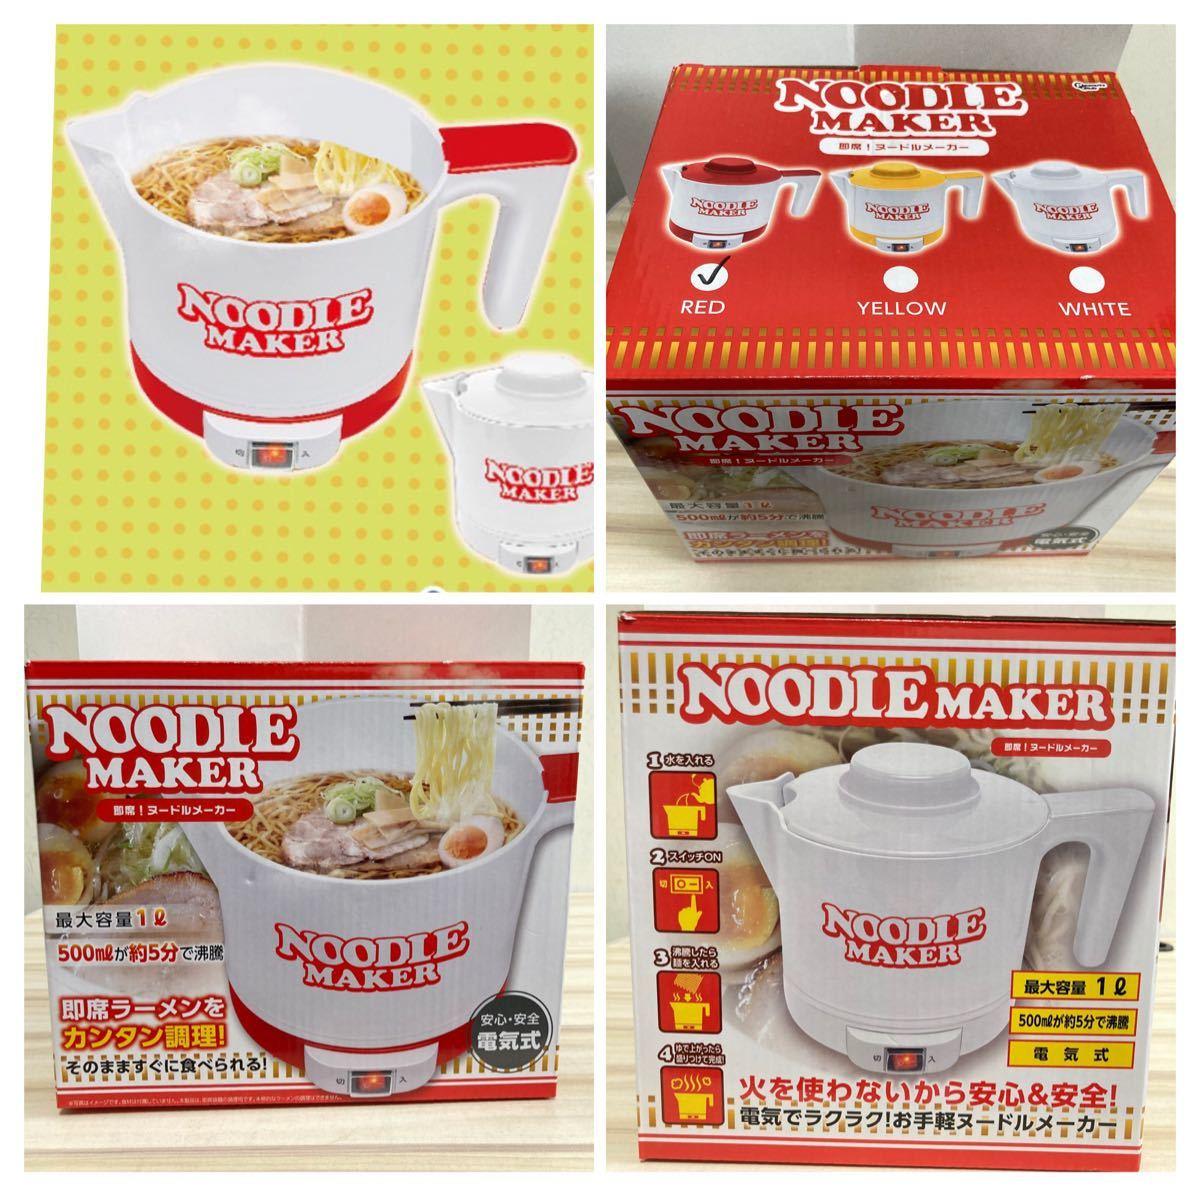 新品未開封♪カップヌードルメーカー♪かんたん調理で袋麺を美味しく食べれる(*≧∀≦*)火を使わないのでお子さんでも簡単に扱えます!